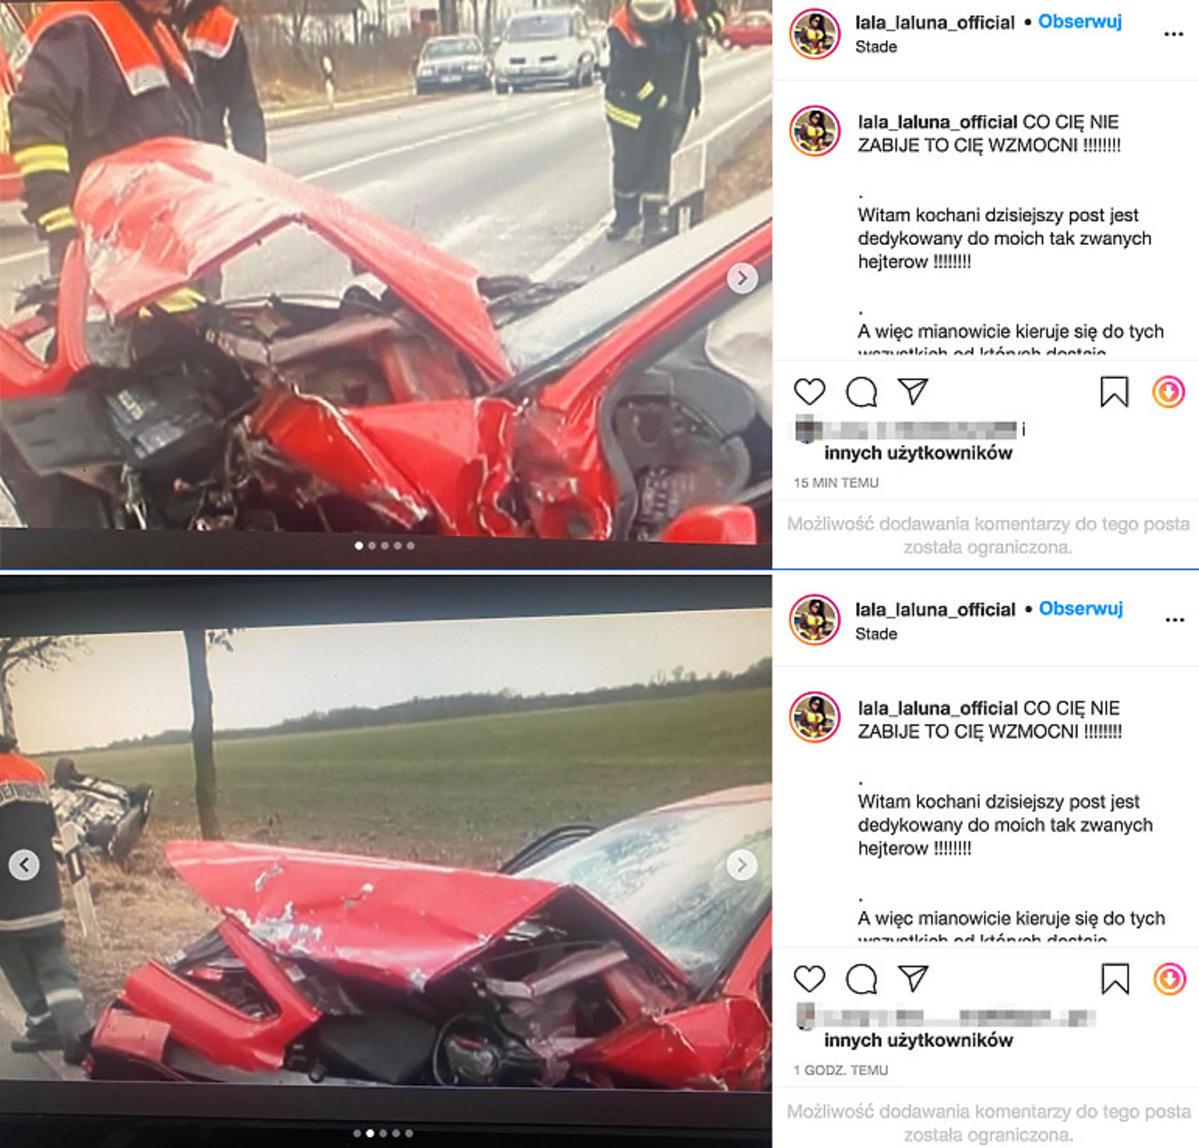 Laluna pokazała zdjęcia z wypadku